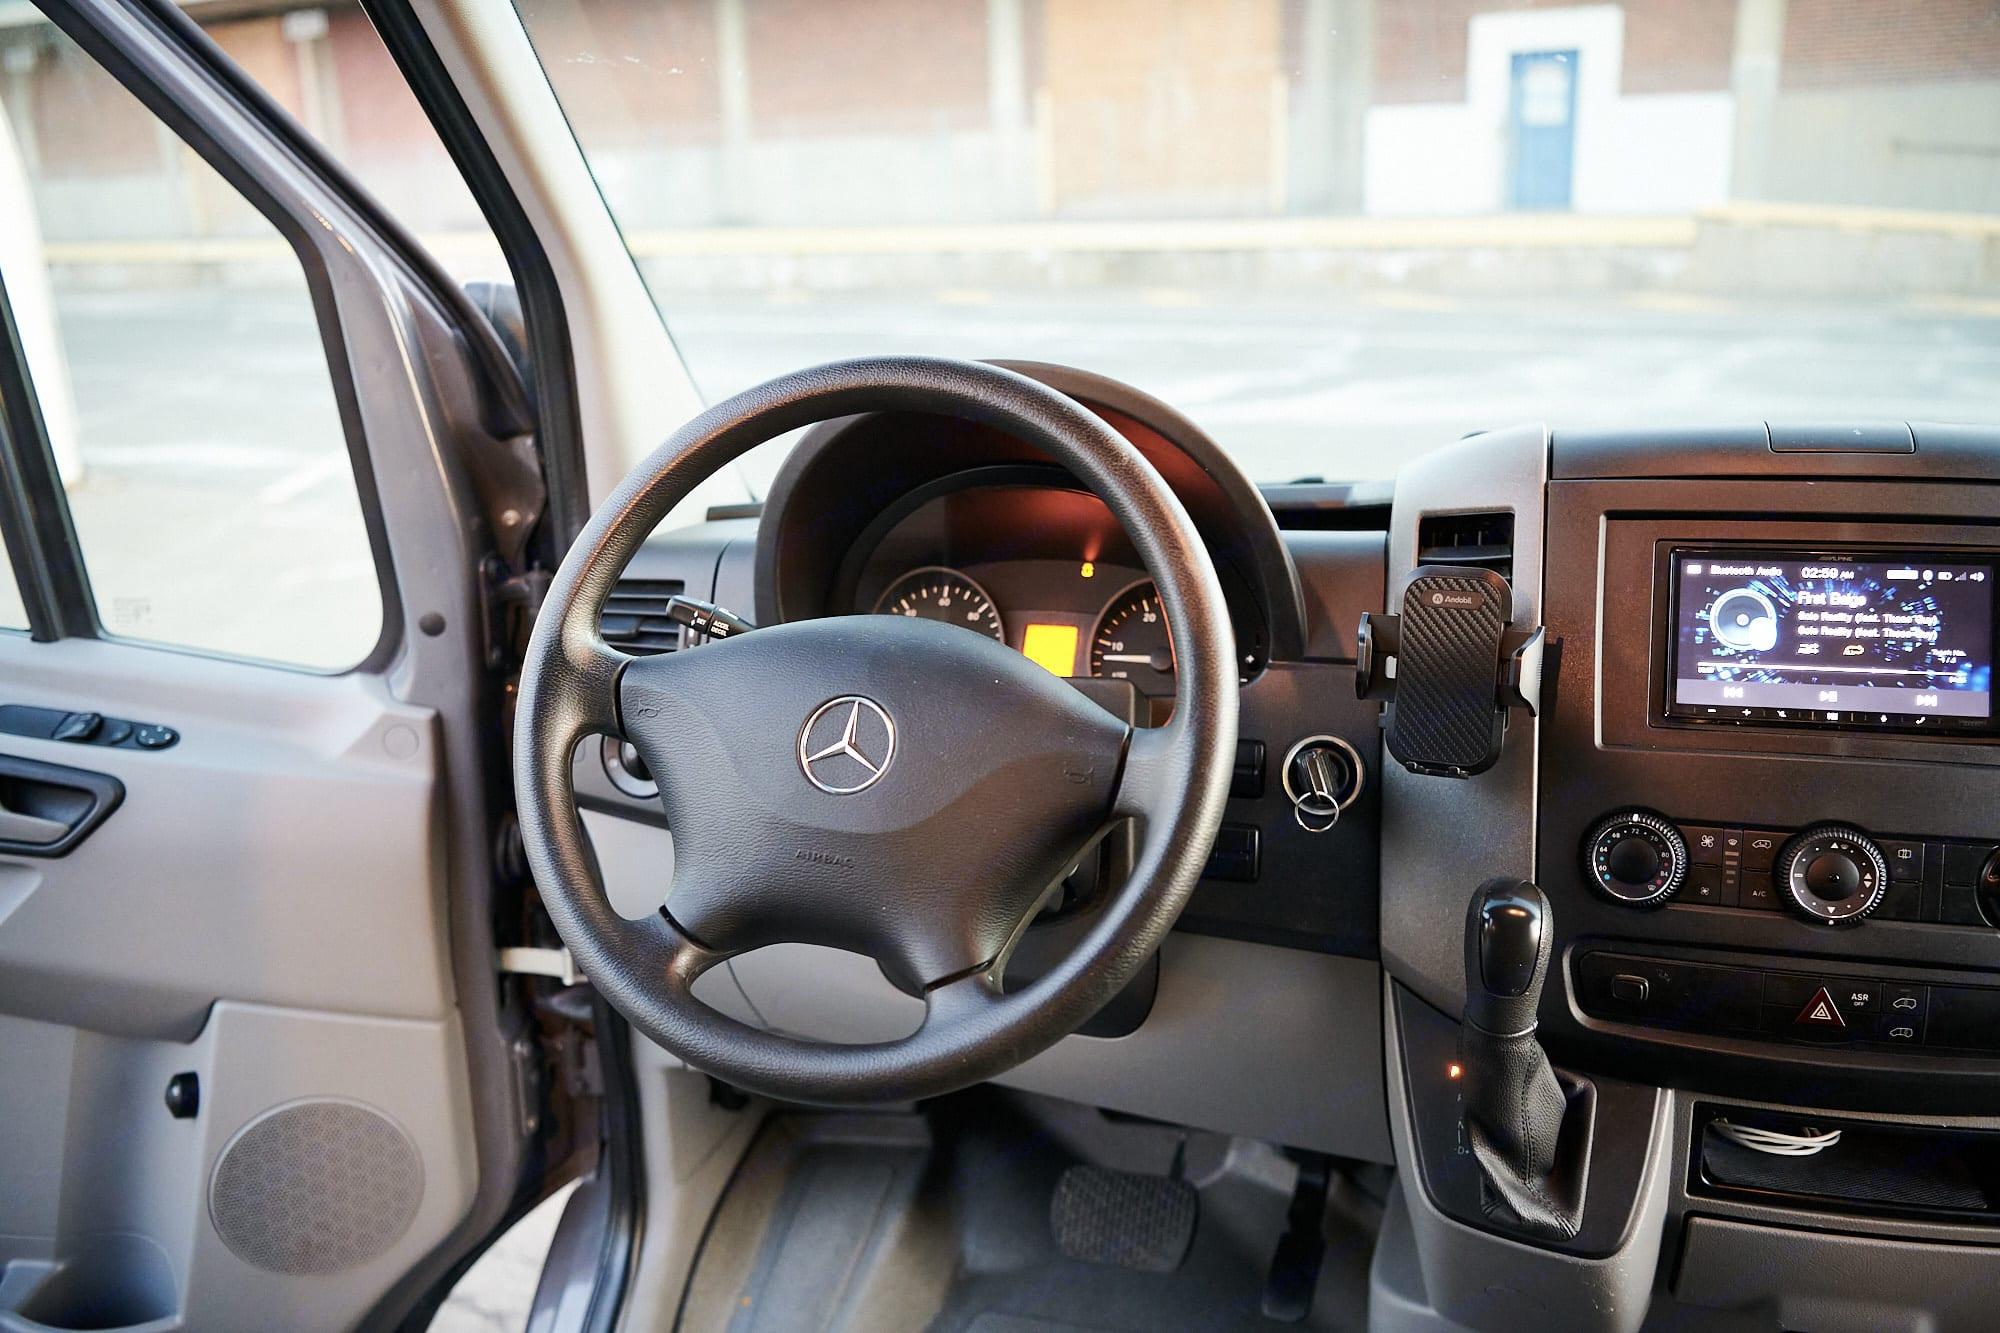 Mercedes Sprinter 2010